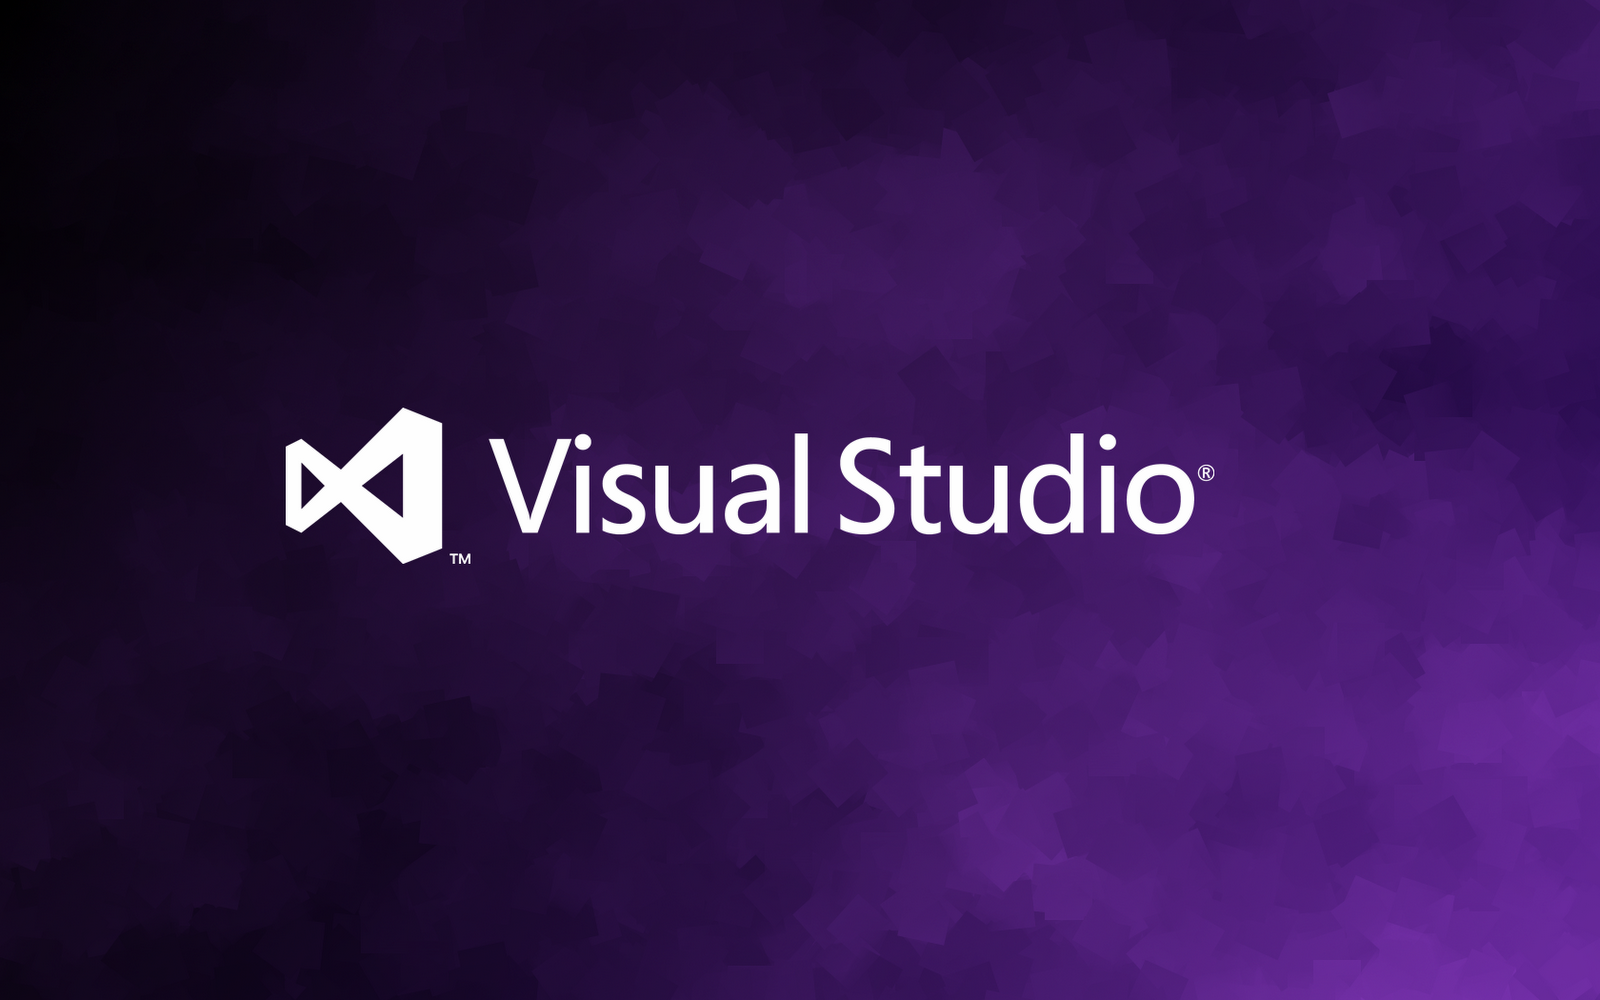 visual studio 2012 wallpaper -#main